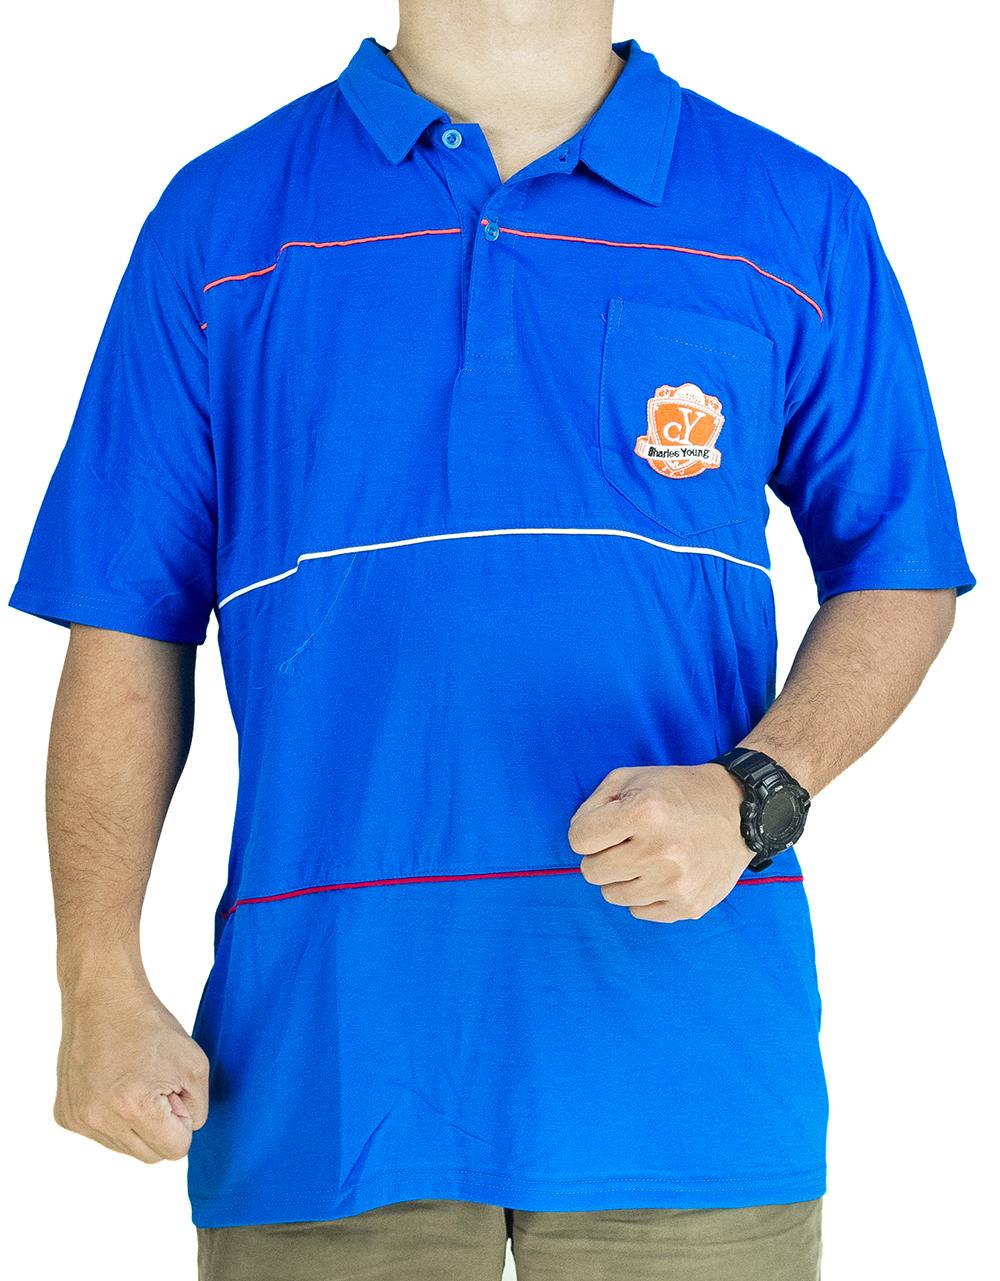 CY 64841 [ BLUE / RED ] MAN CASUAL POLO COLAR SHIRT BIG SIZE PLUS 5XL 6XL 7XL